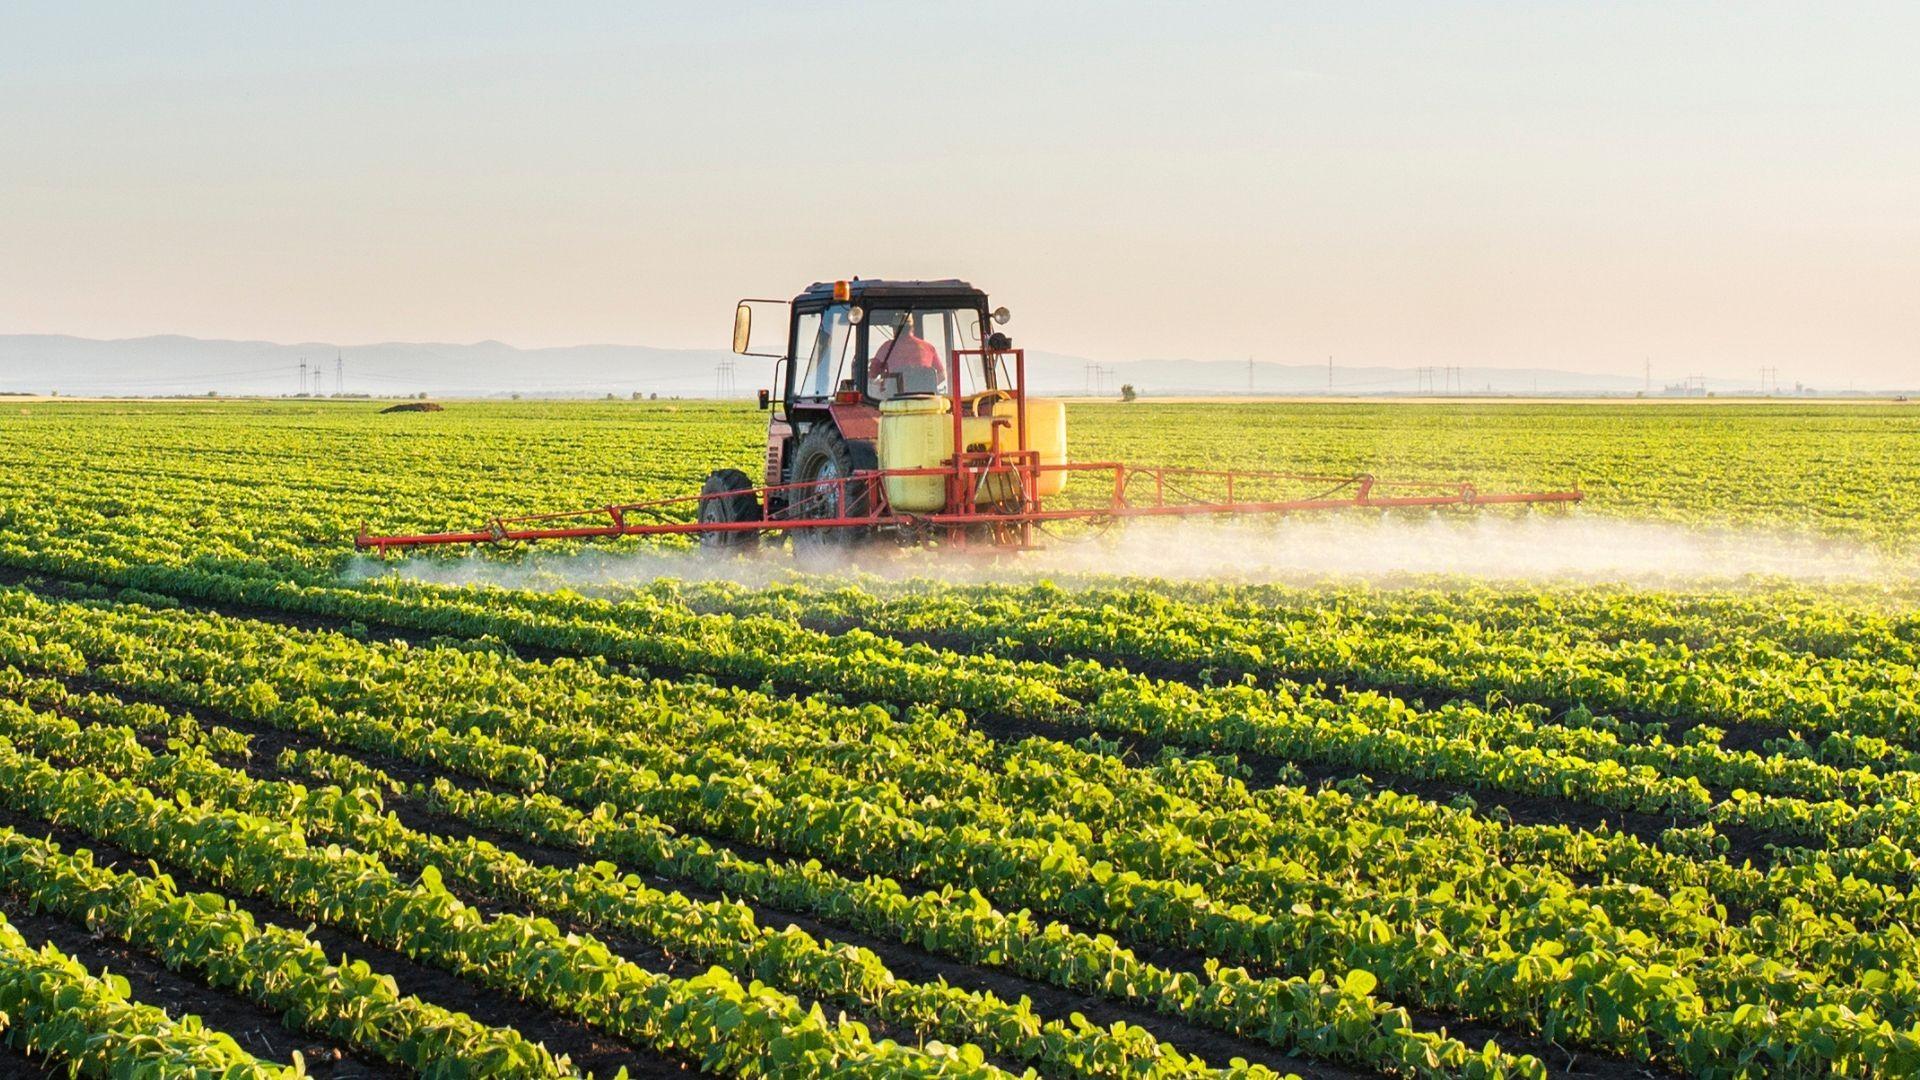 Venta de suministros agrícolas en El Ejido